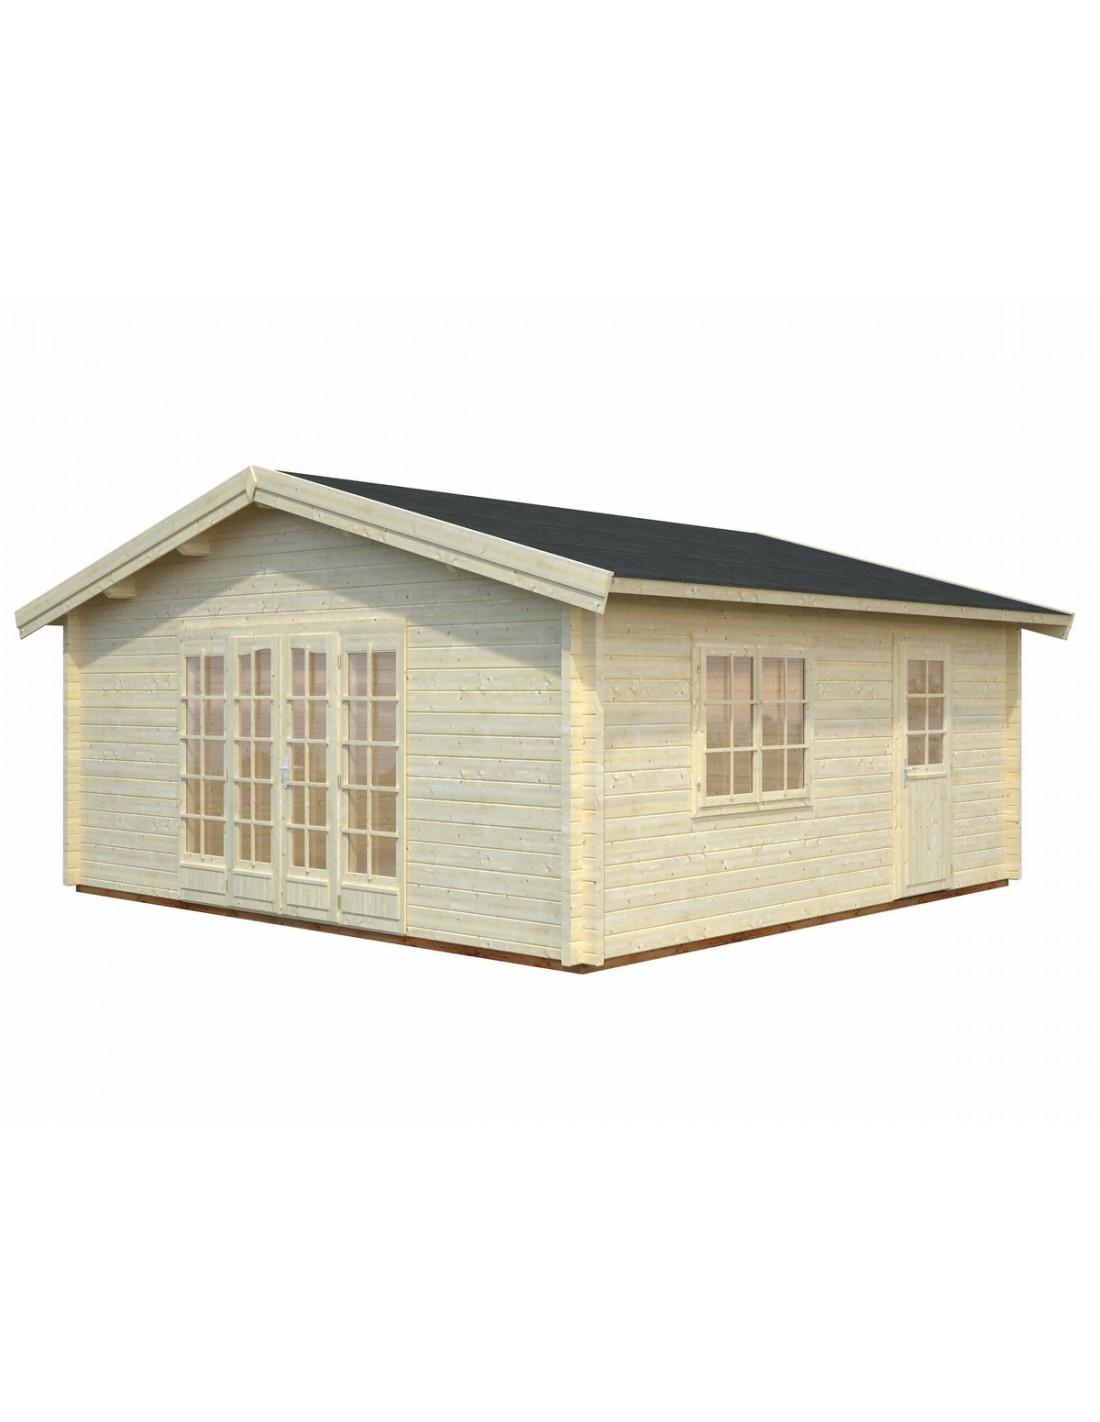 Abri de jardin irene 30 m avec plancher bois massif 70 mm for Abri de jardin en bois avec plancher